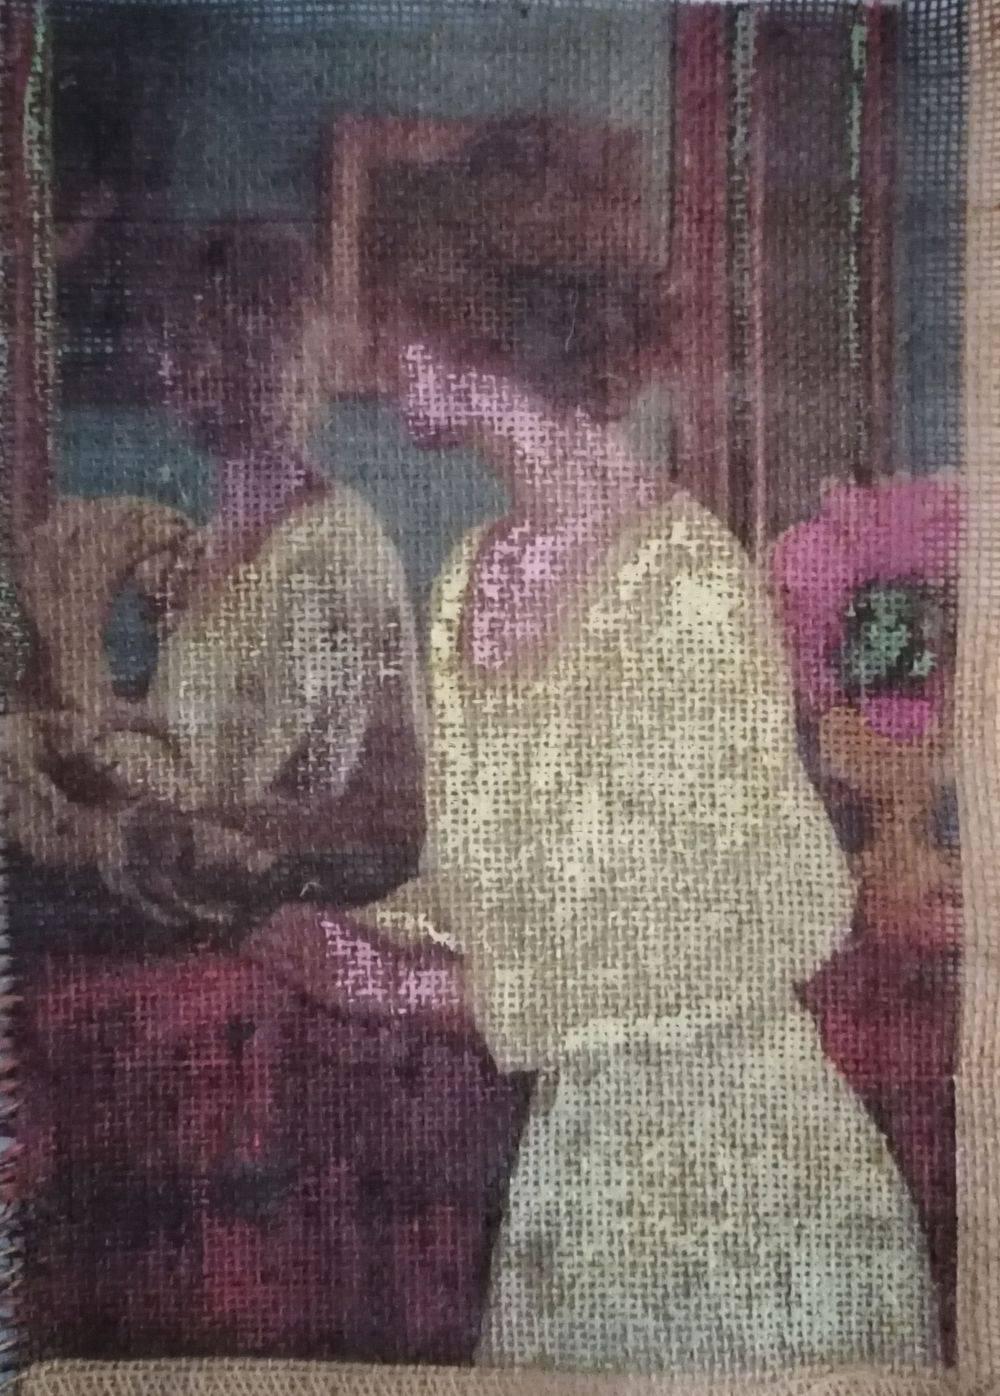 Aquarelle, Textile, Toile de jute, Femme, Histoire de l'art, Portrait